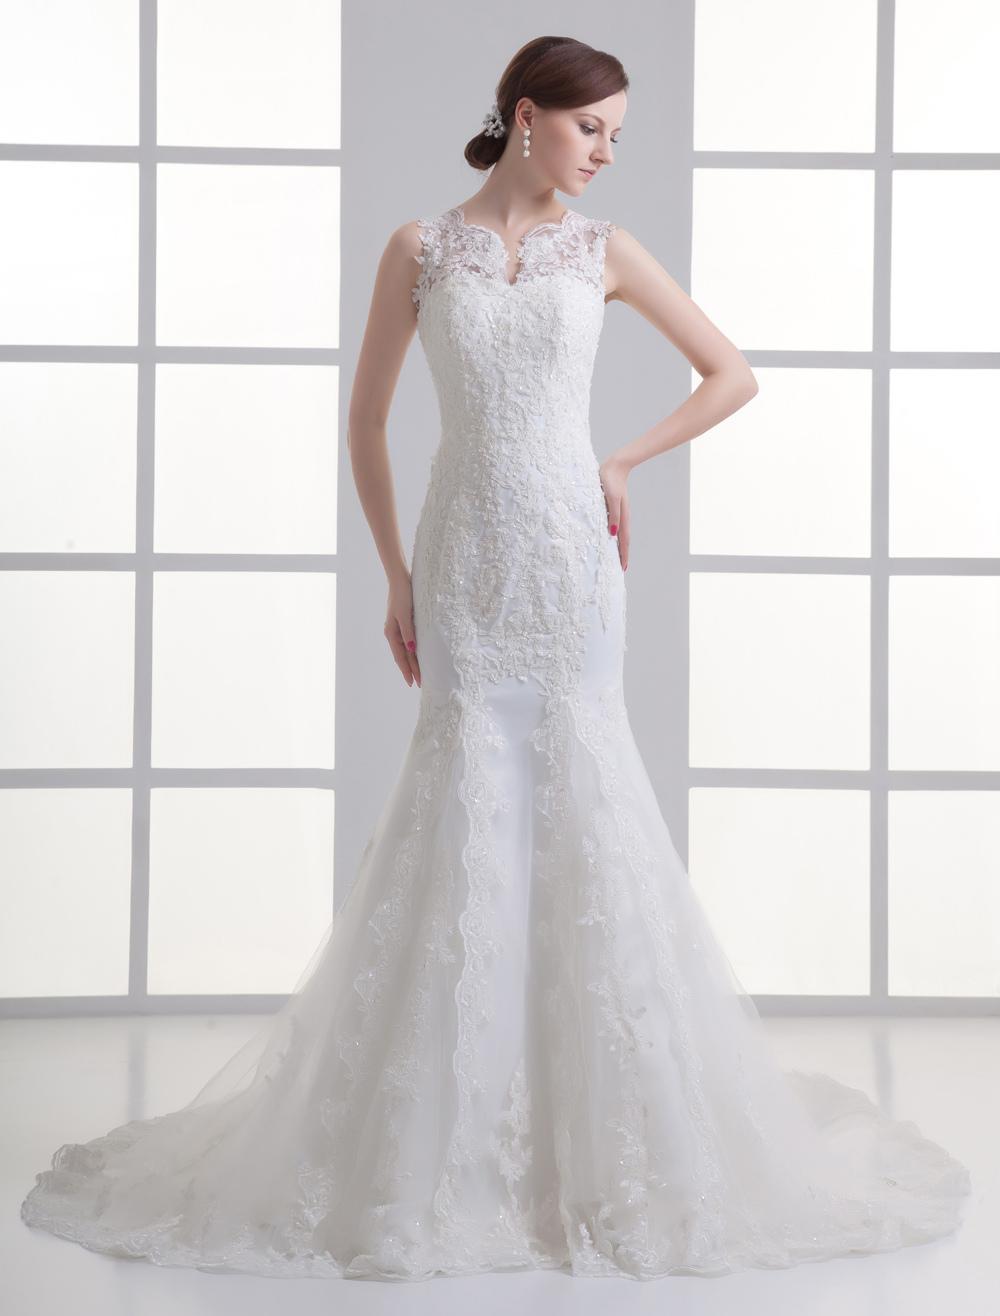 Ivory Mermaid Beading Lace Wedding Dress For Bride